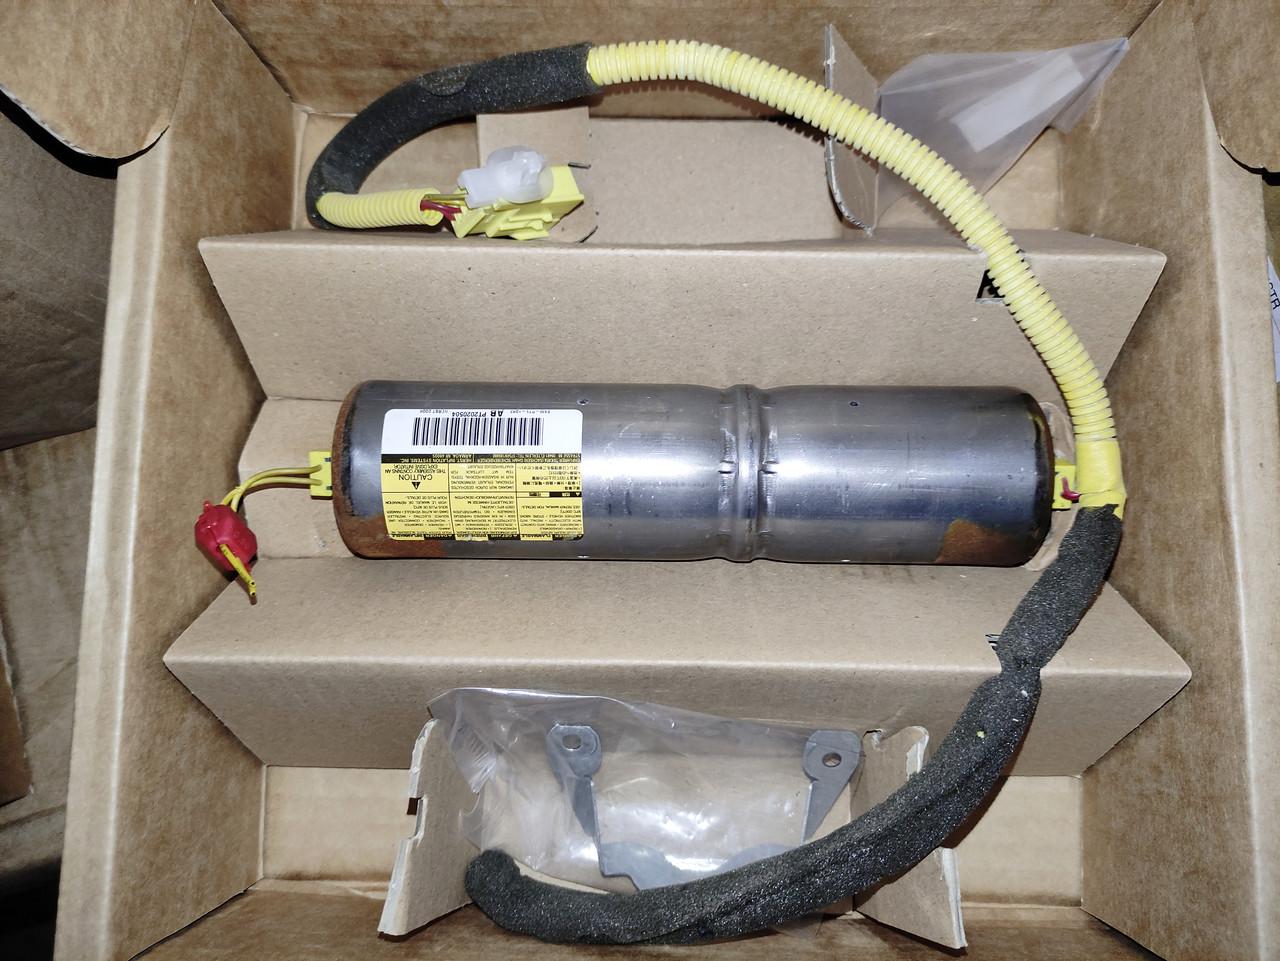 Комплект газогенератора подушки Toyota Corolla 04007-17202. Пиропатрон TOYOTA 04007-17202 INFLATOR Assy Kit